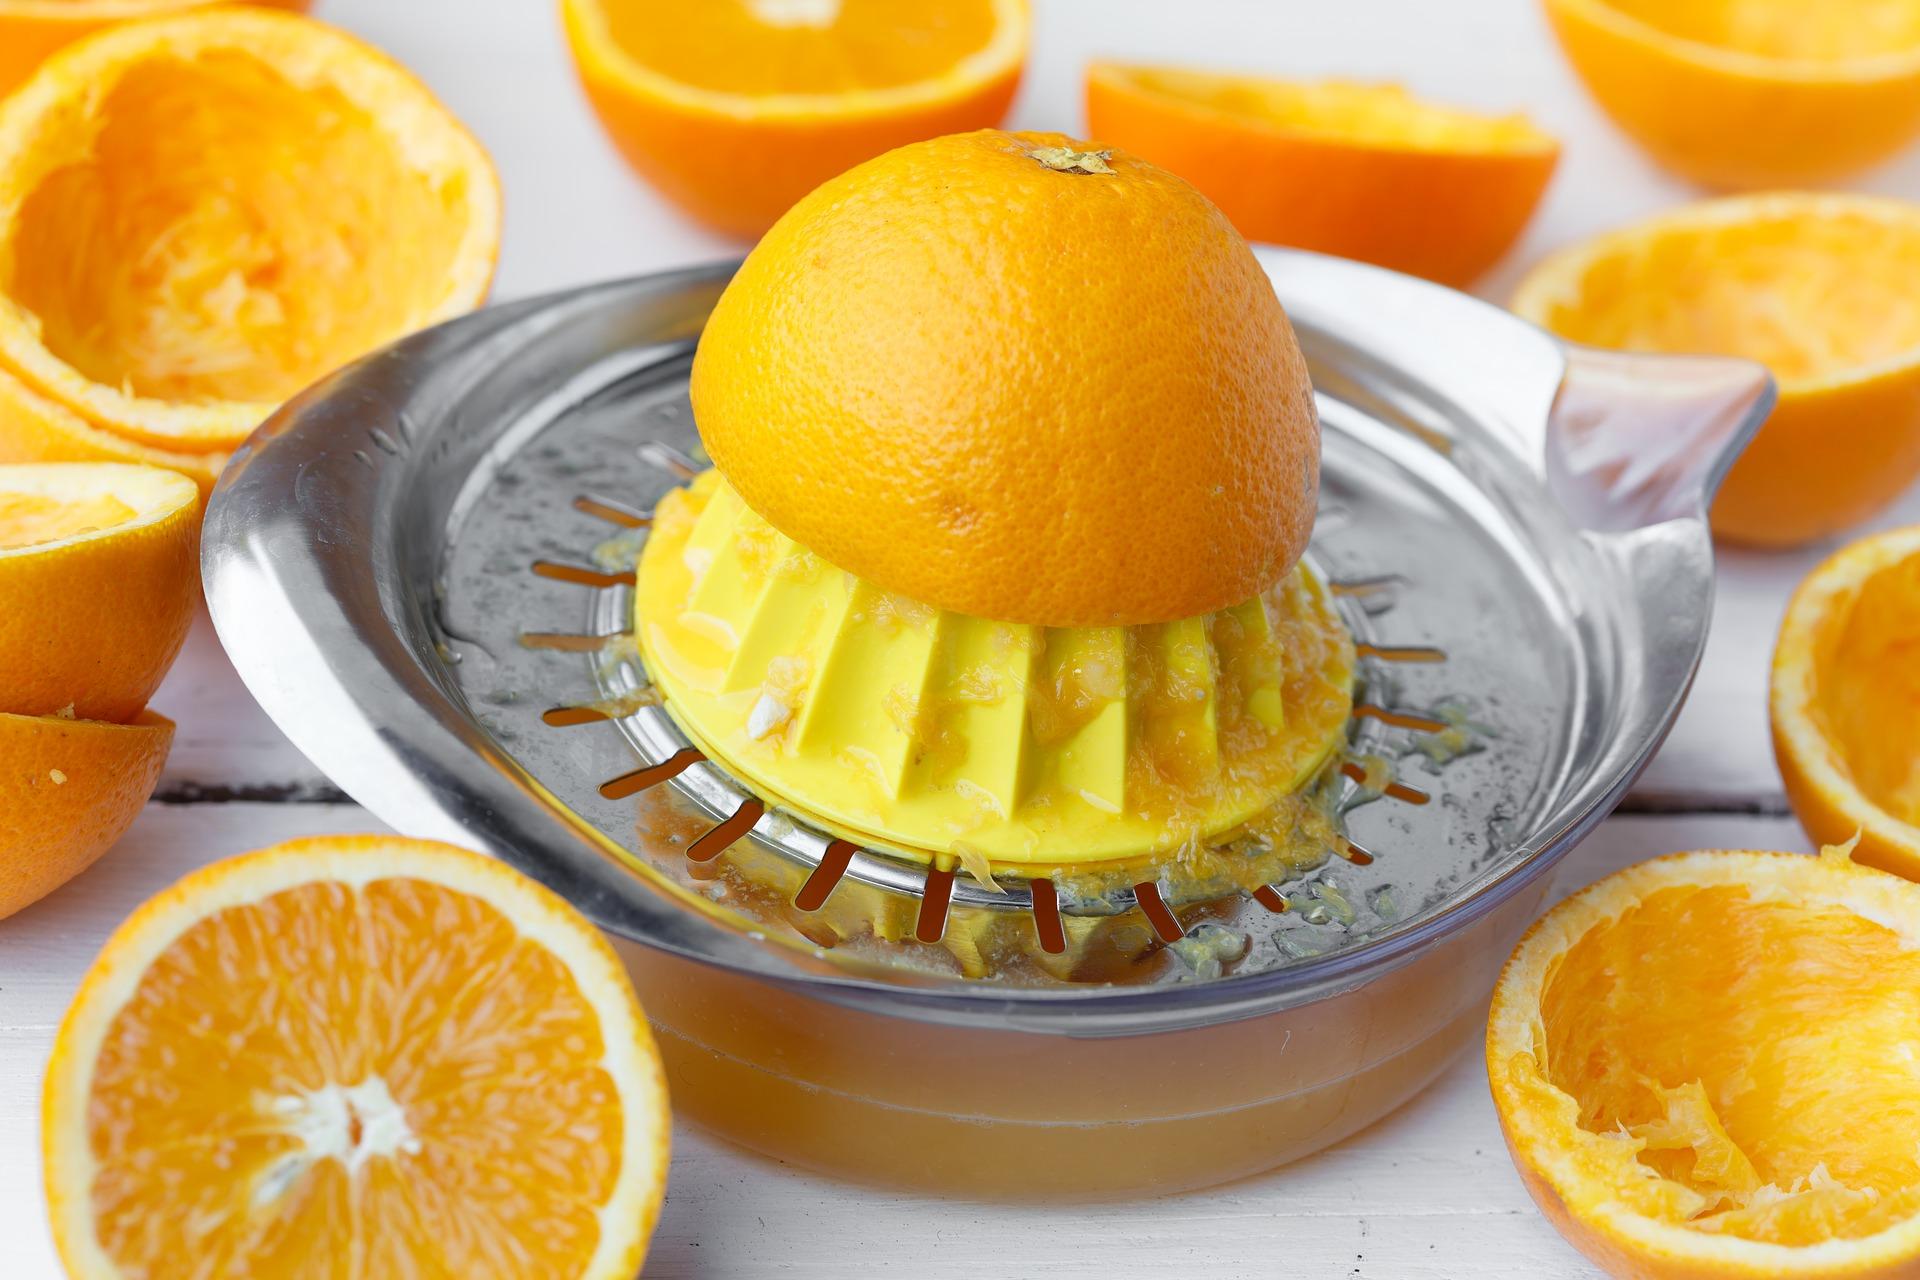 haciendo jugo natural de naranja